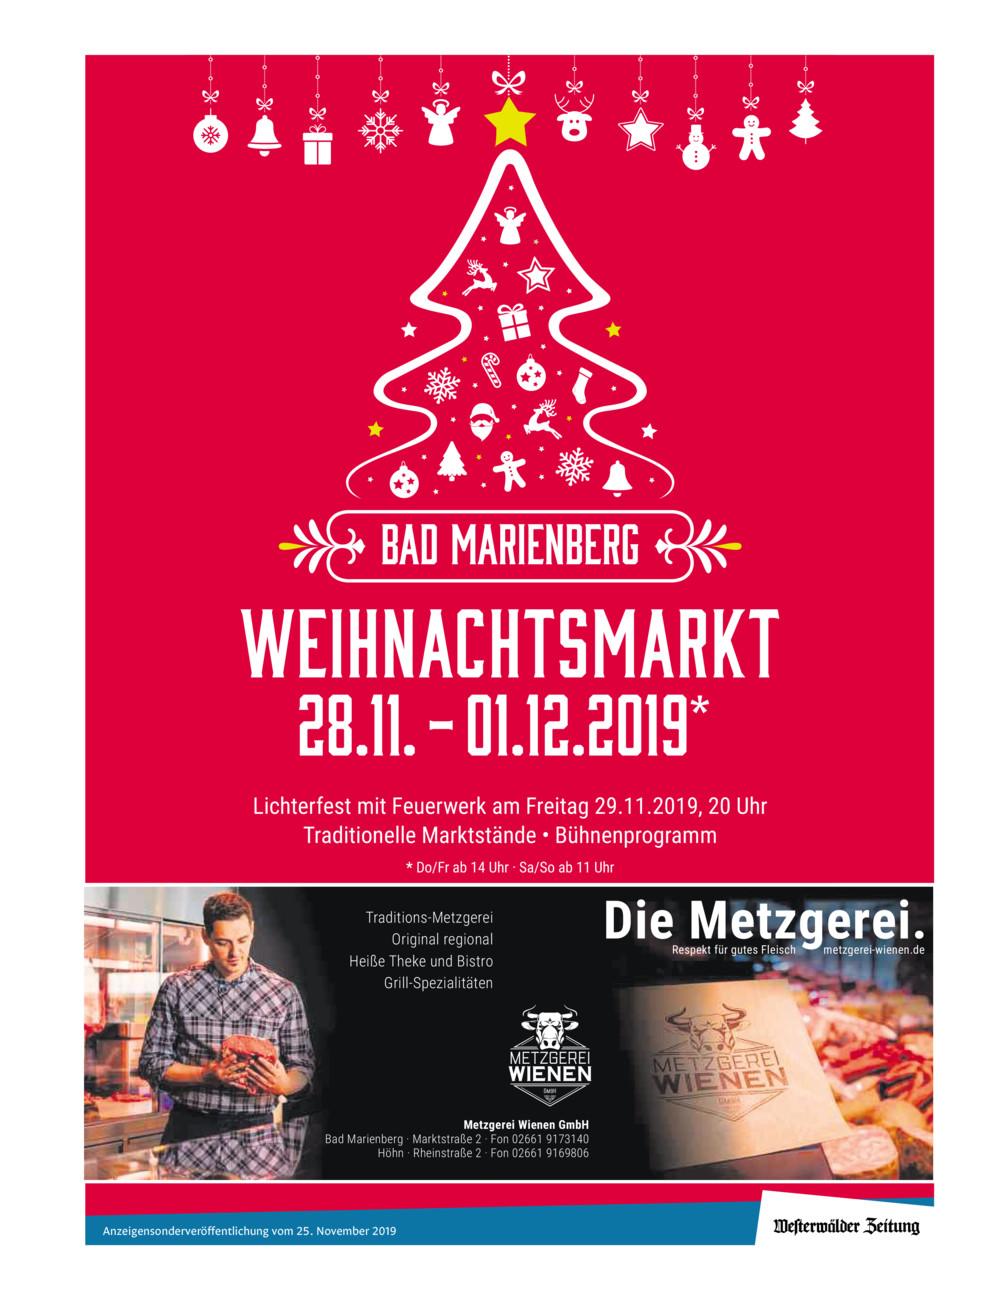 Weihnachtsmarkt Bad Marienberg 2019